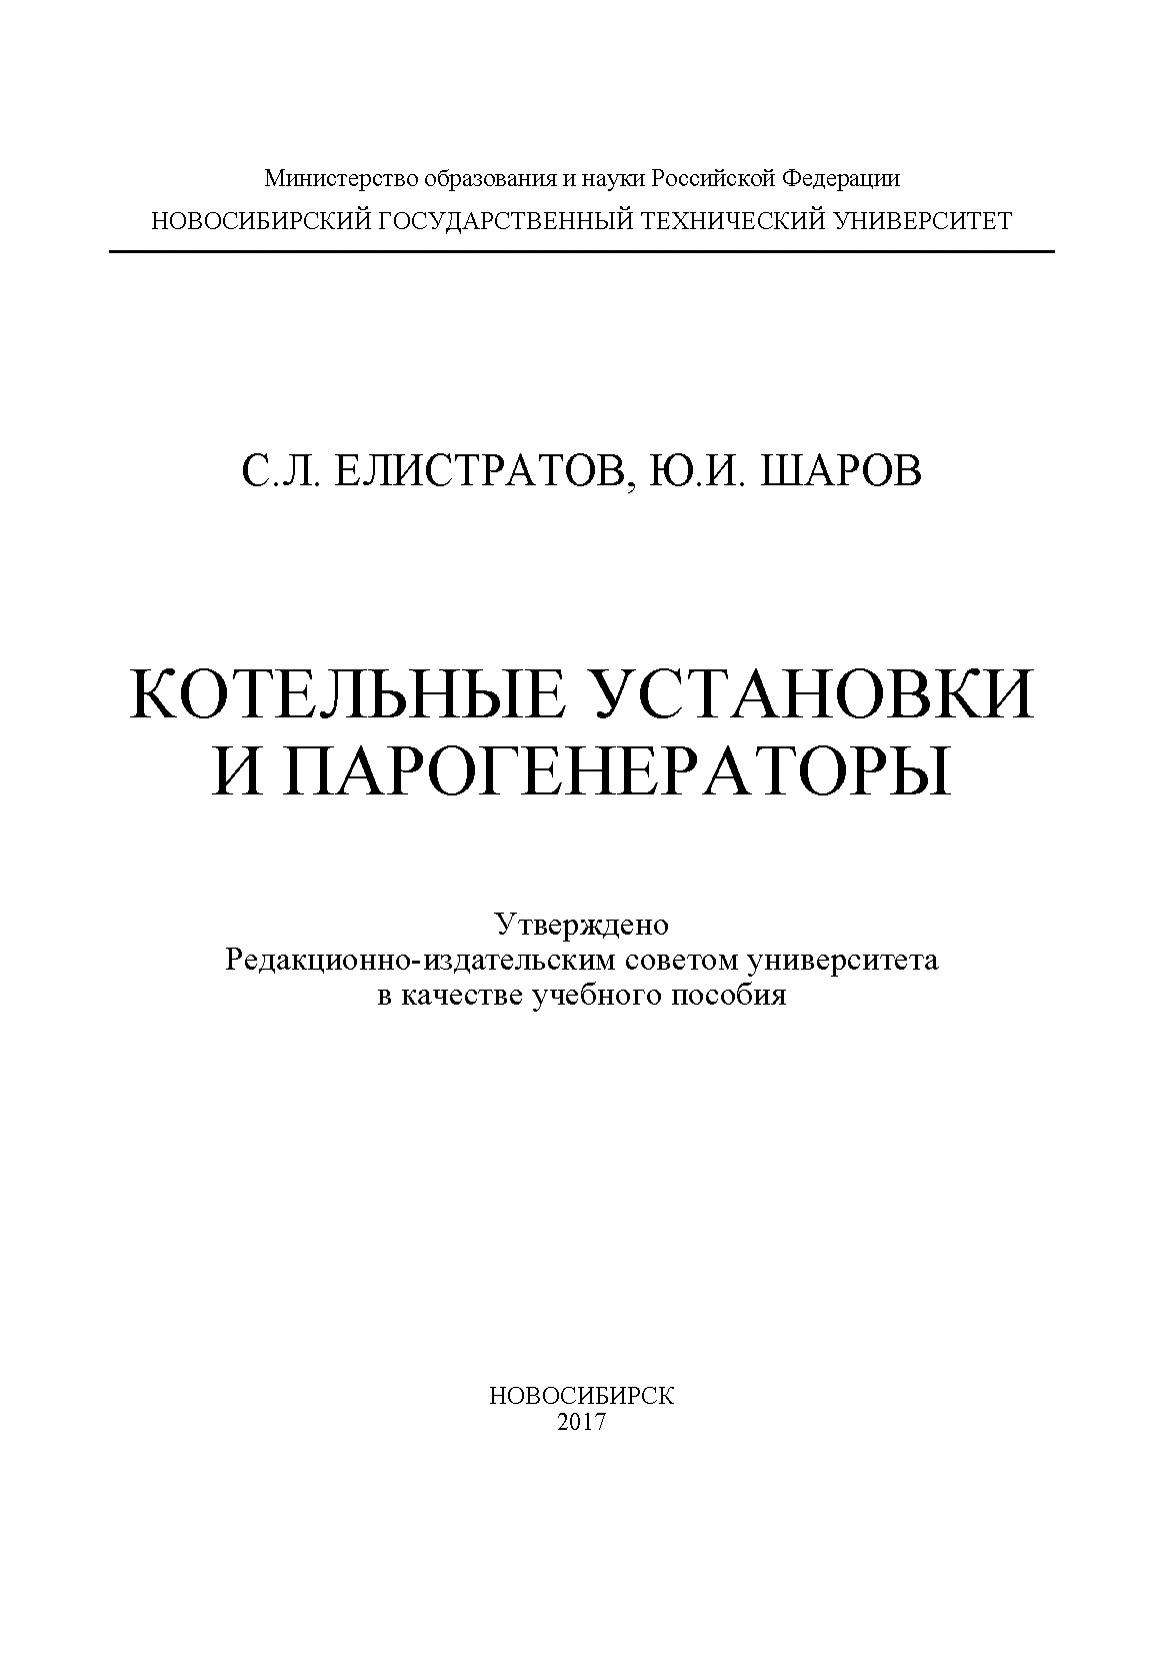 Ю. И. Шаров Котельные установки и парогенераторы утюг парогенераторы для дома как выбрать цена